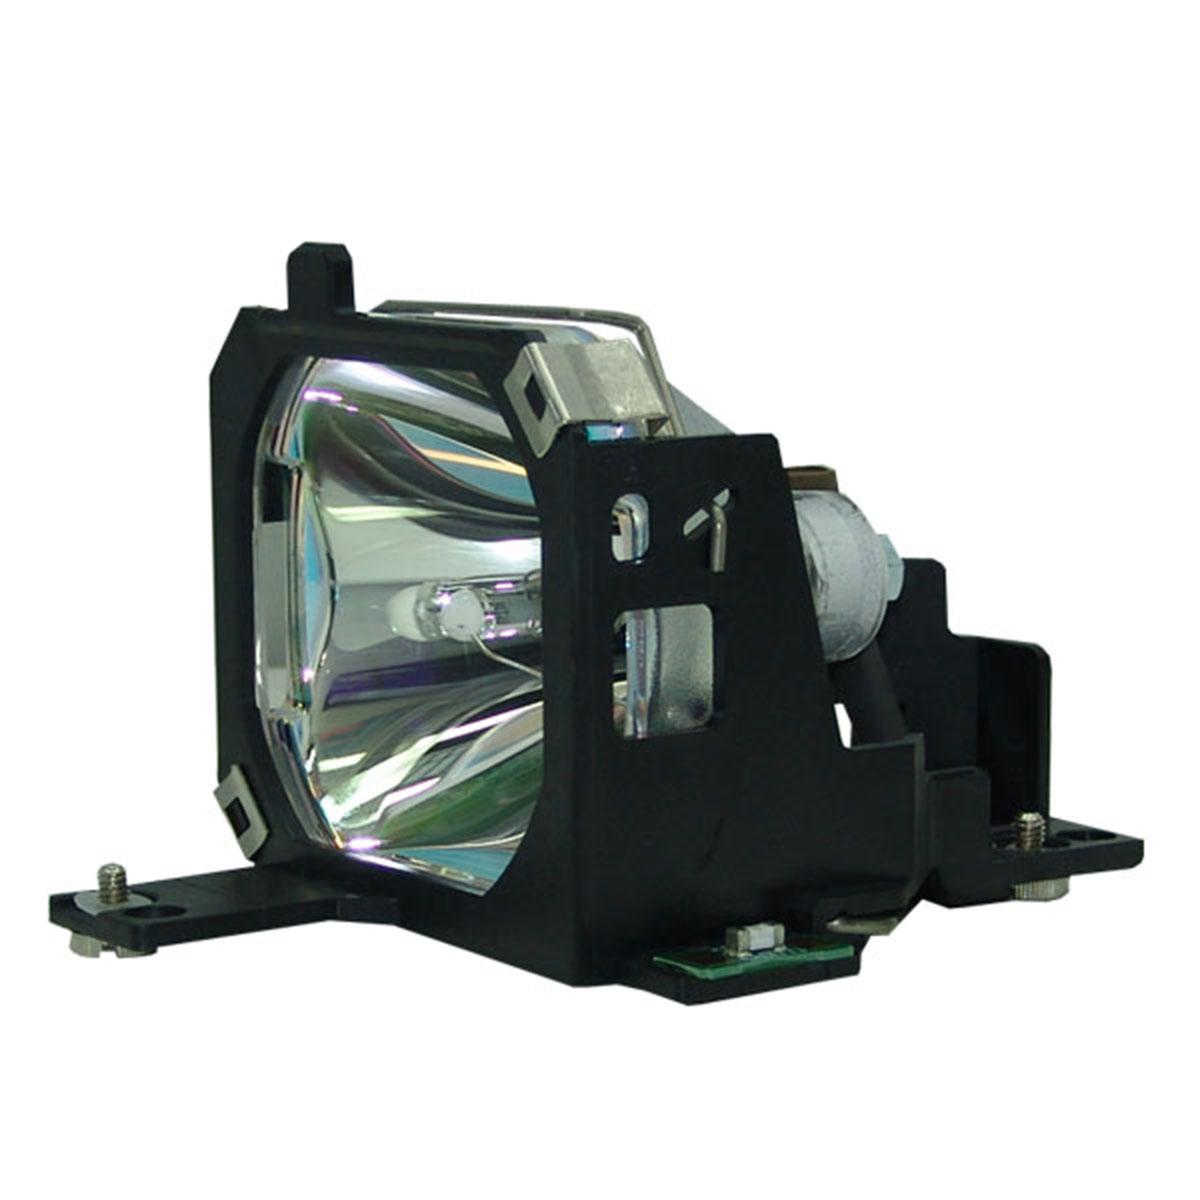 Epson ELPLP09 FP Lamp